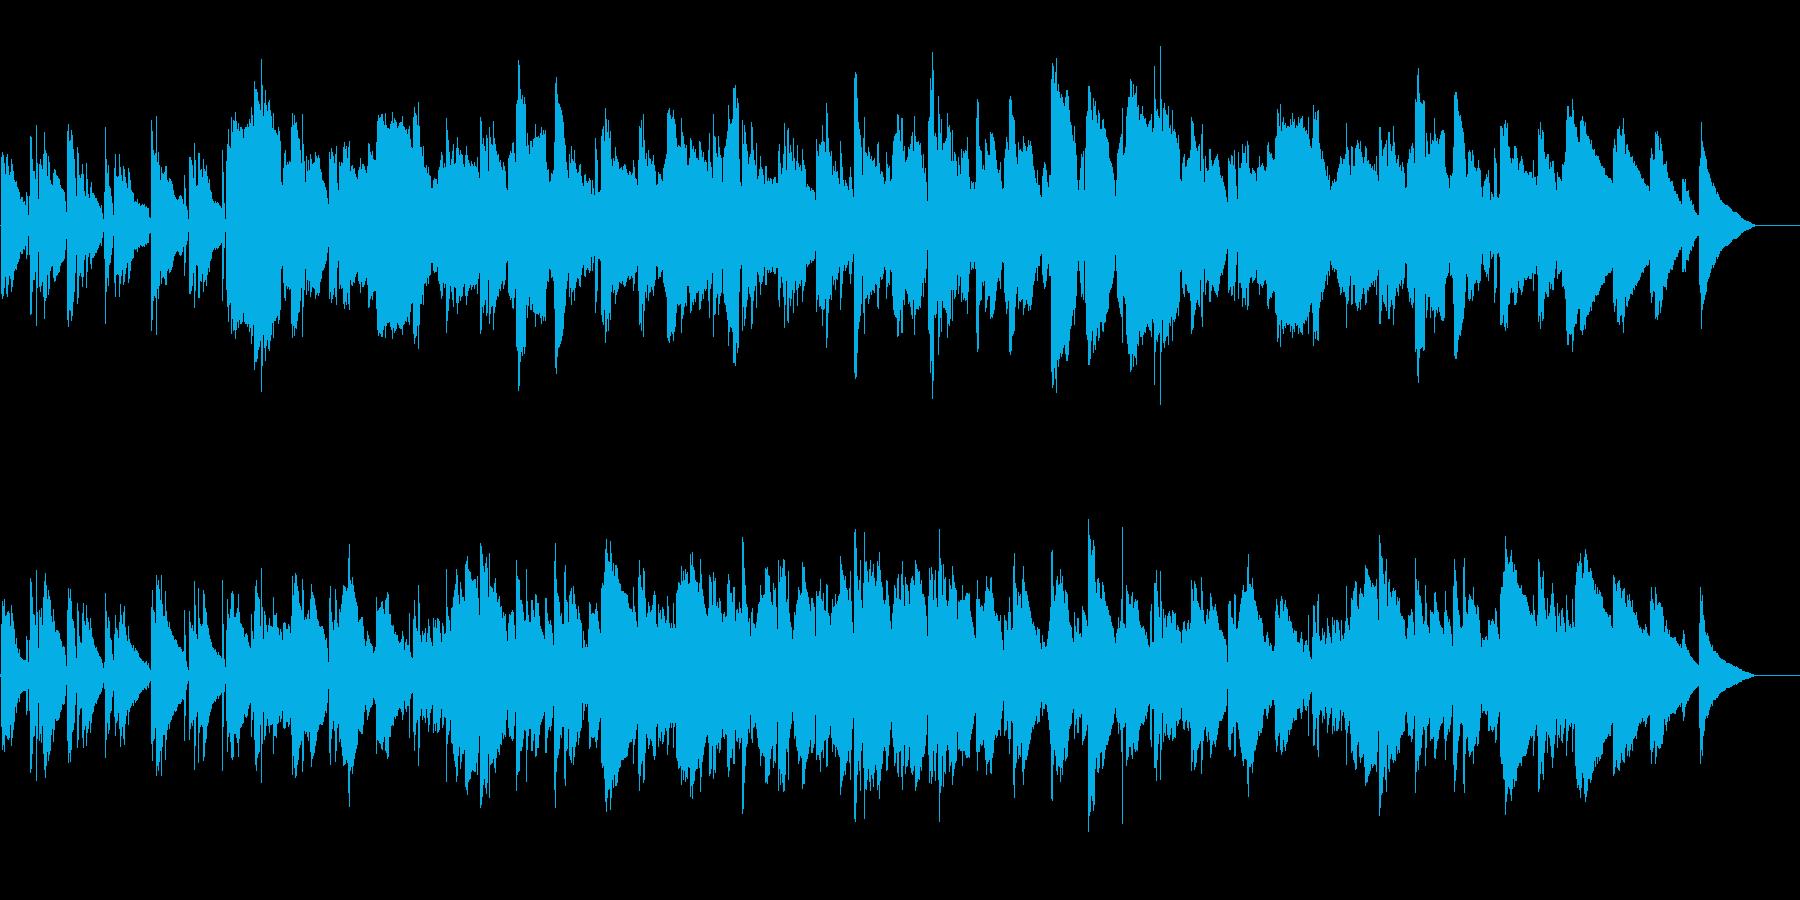 ゆったり静かな森の中をイメージした音楽の再生済みの波形